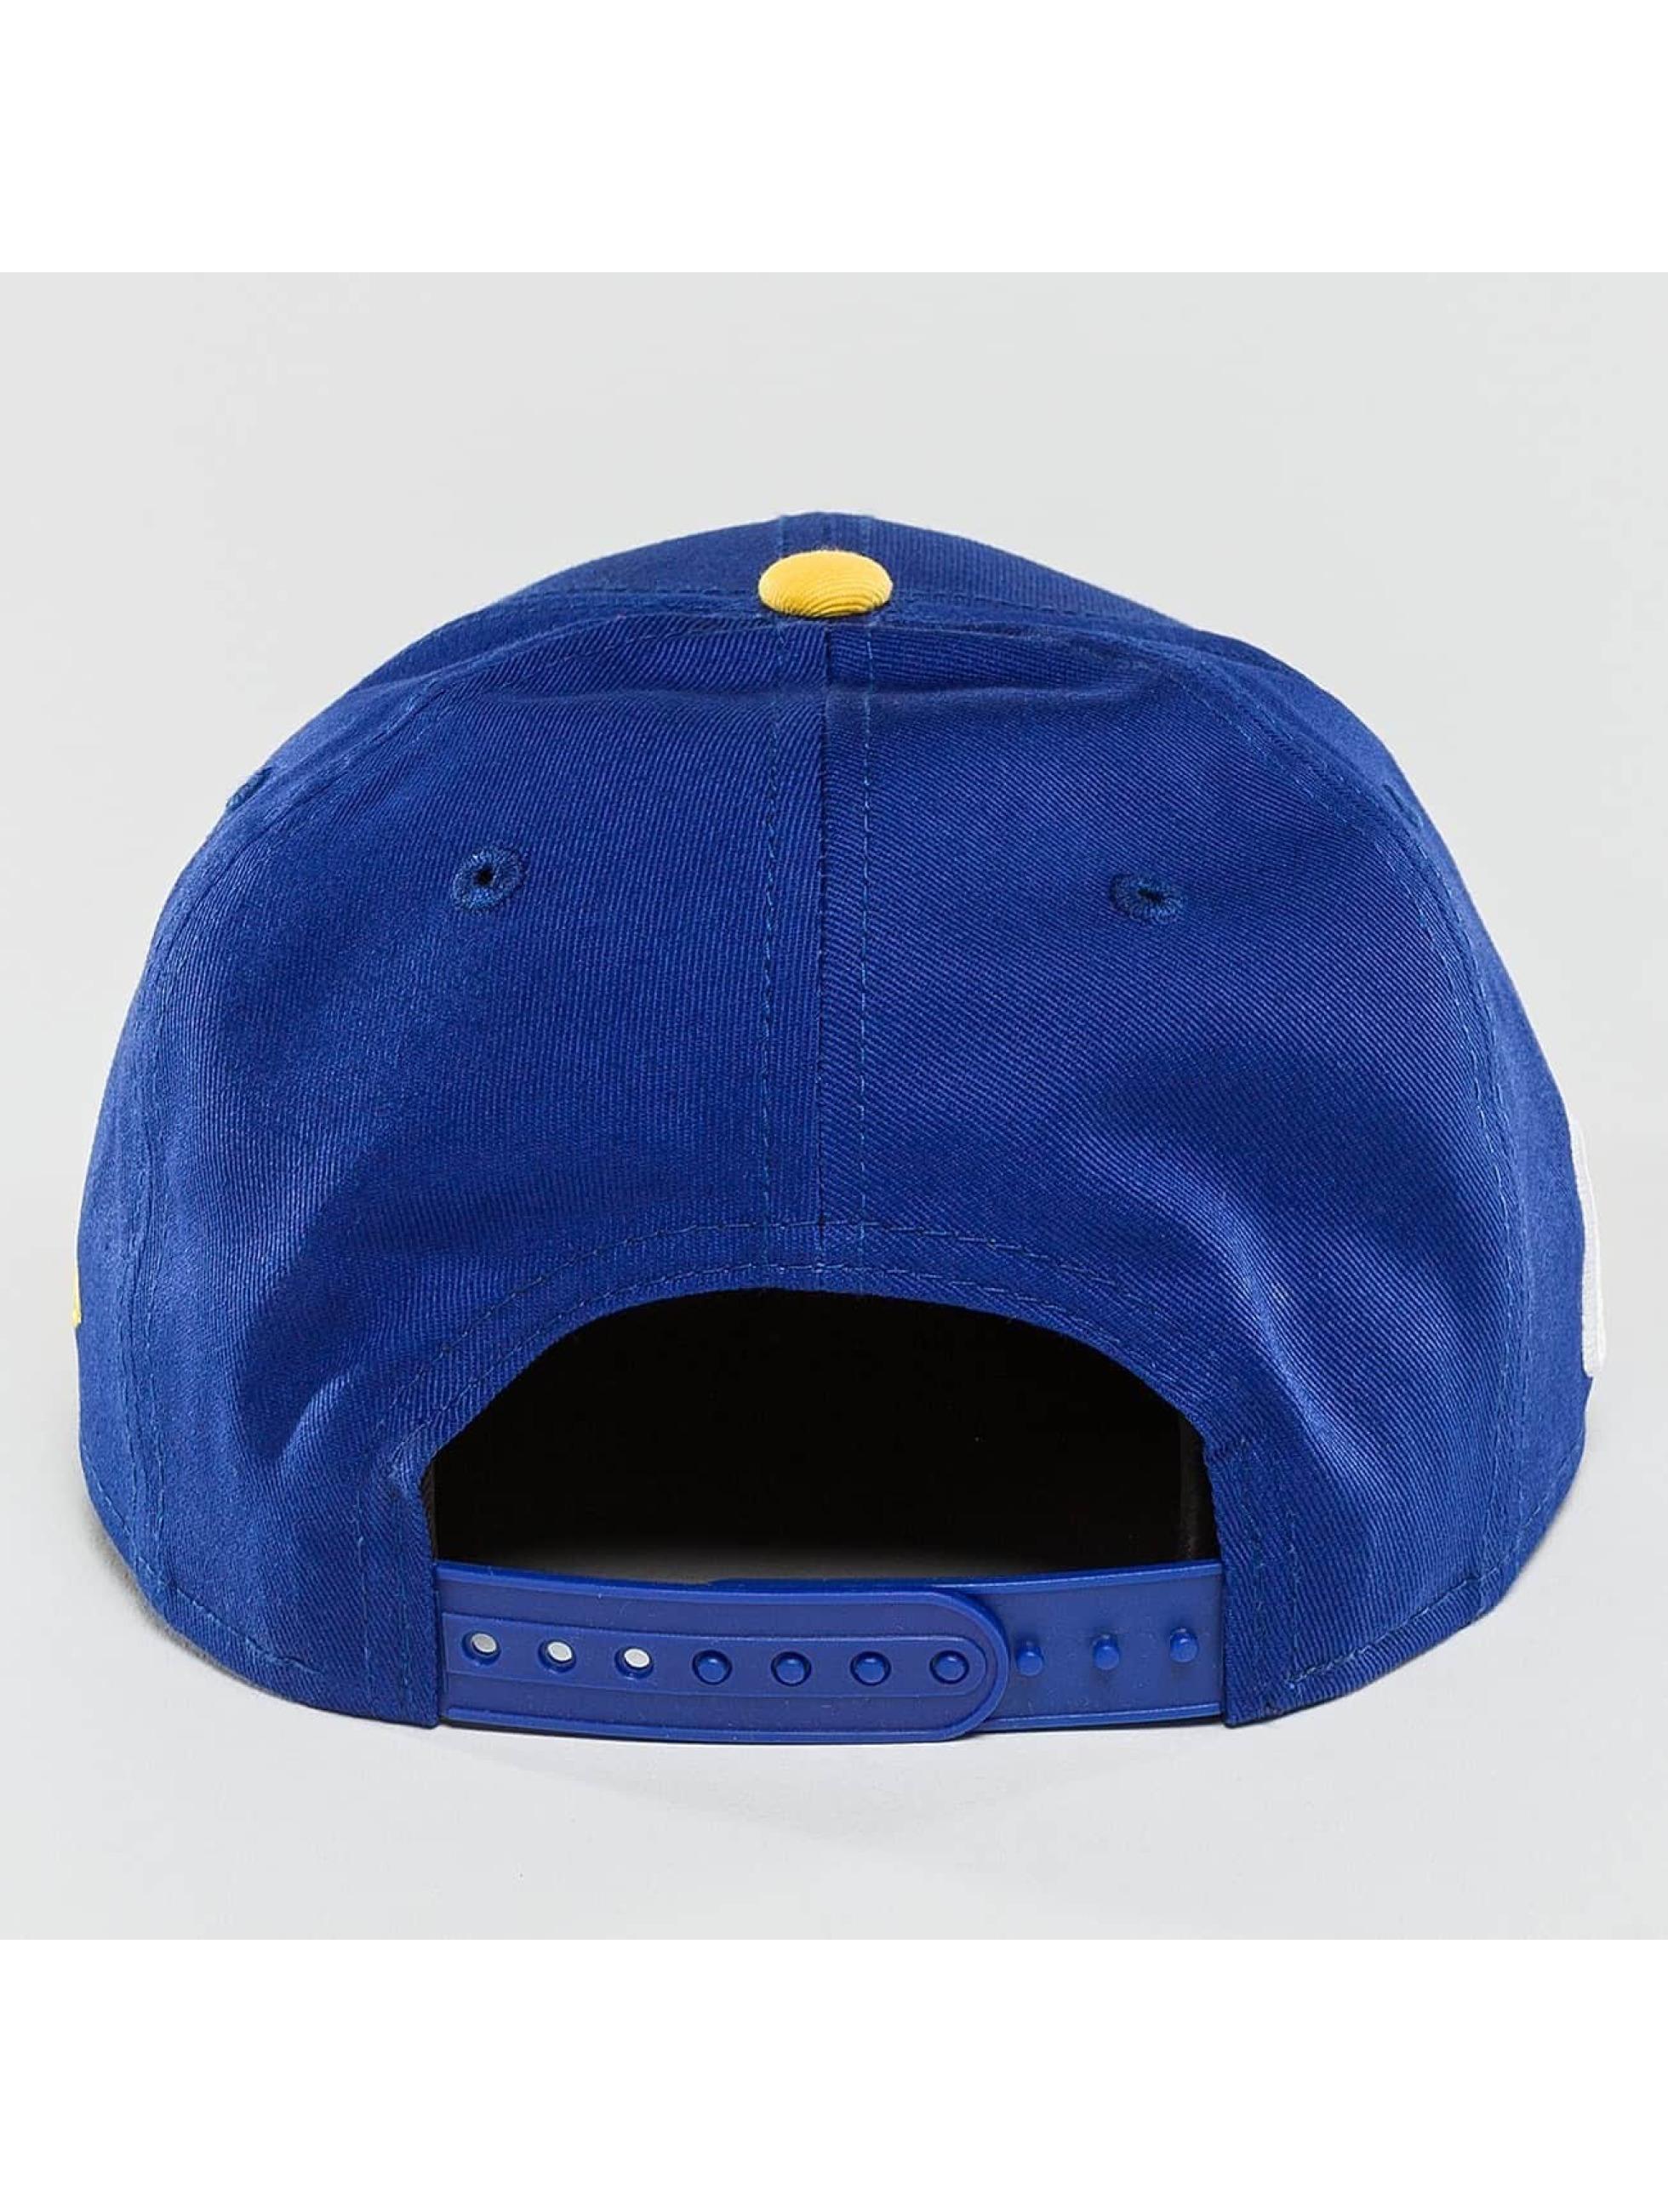 New Era Snapback Cap NBA Team Golden State Warriors blau